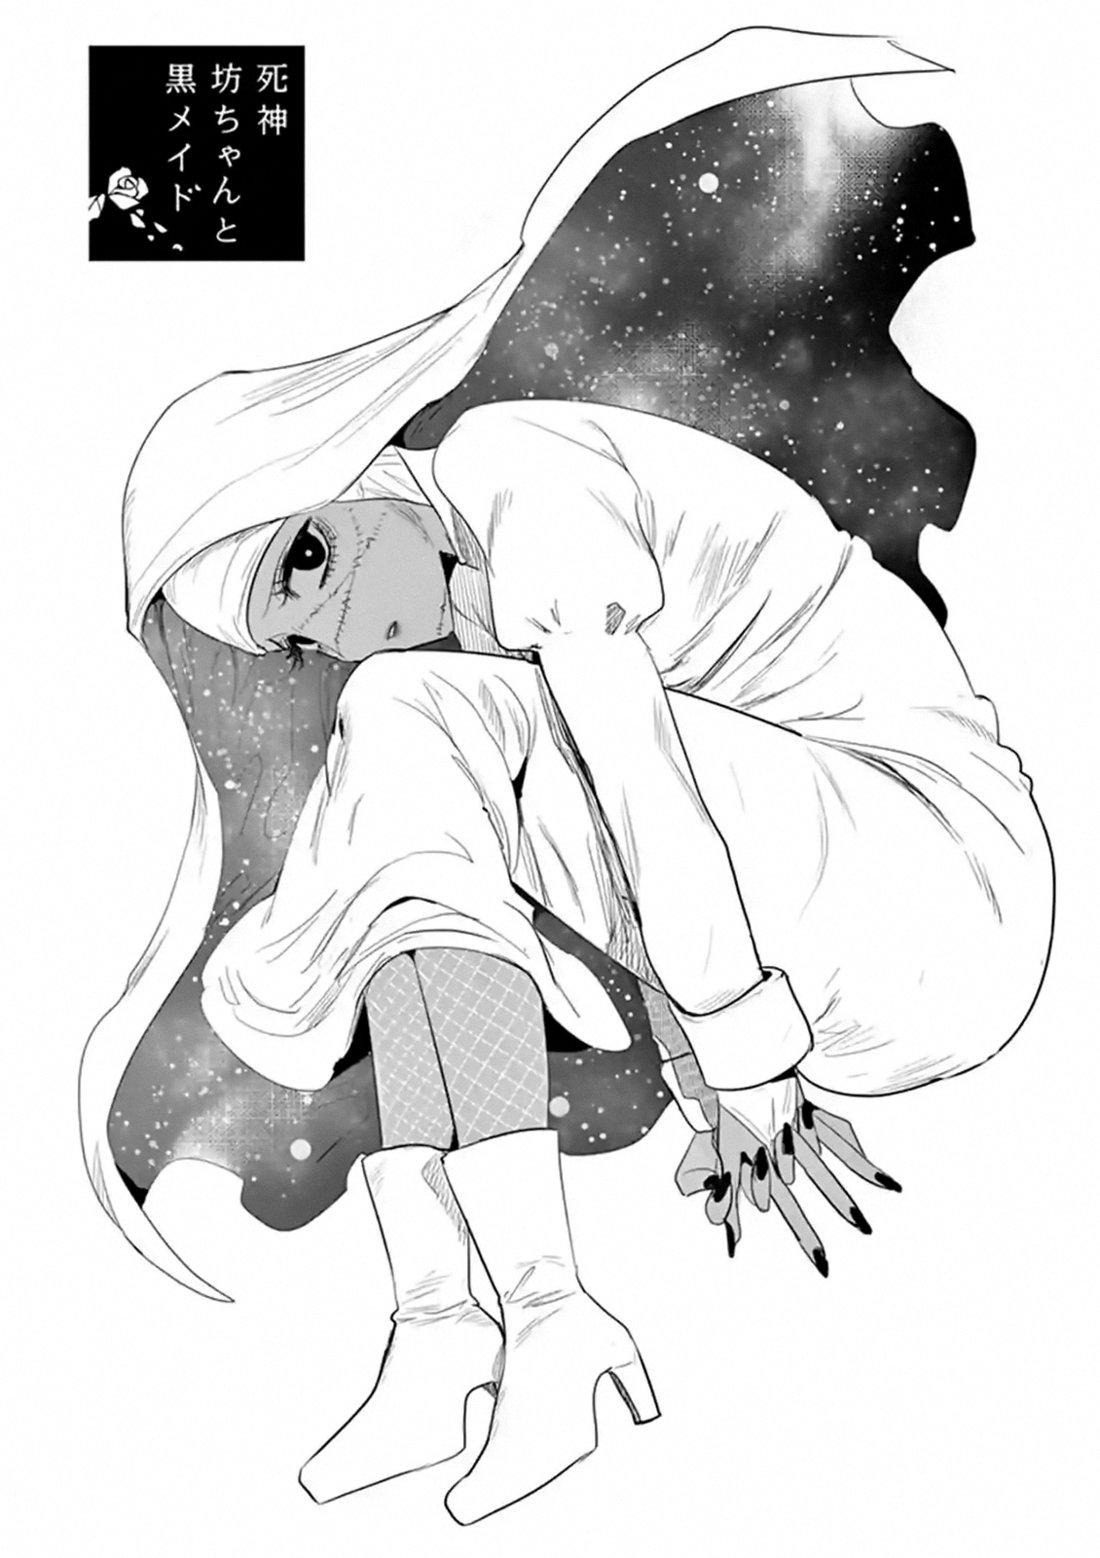 https://manga.mangadogs.com/comics/pic3/41/20265/1429407/ebd9eb6819ab10ef417c8e52fe96cc94.jpg Page 1